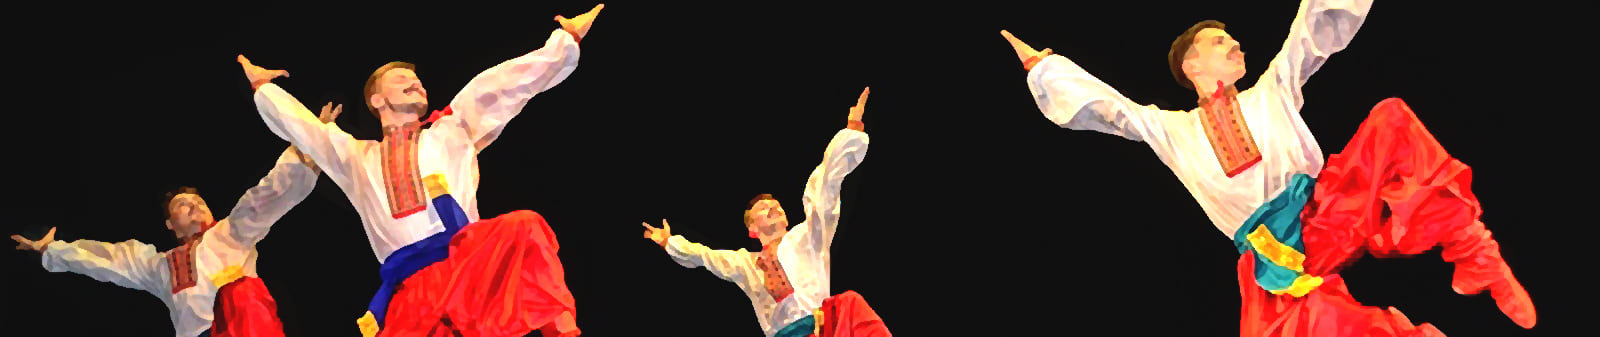 связь танца и боевого искусства